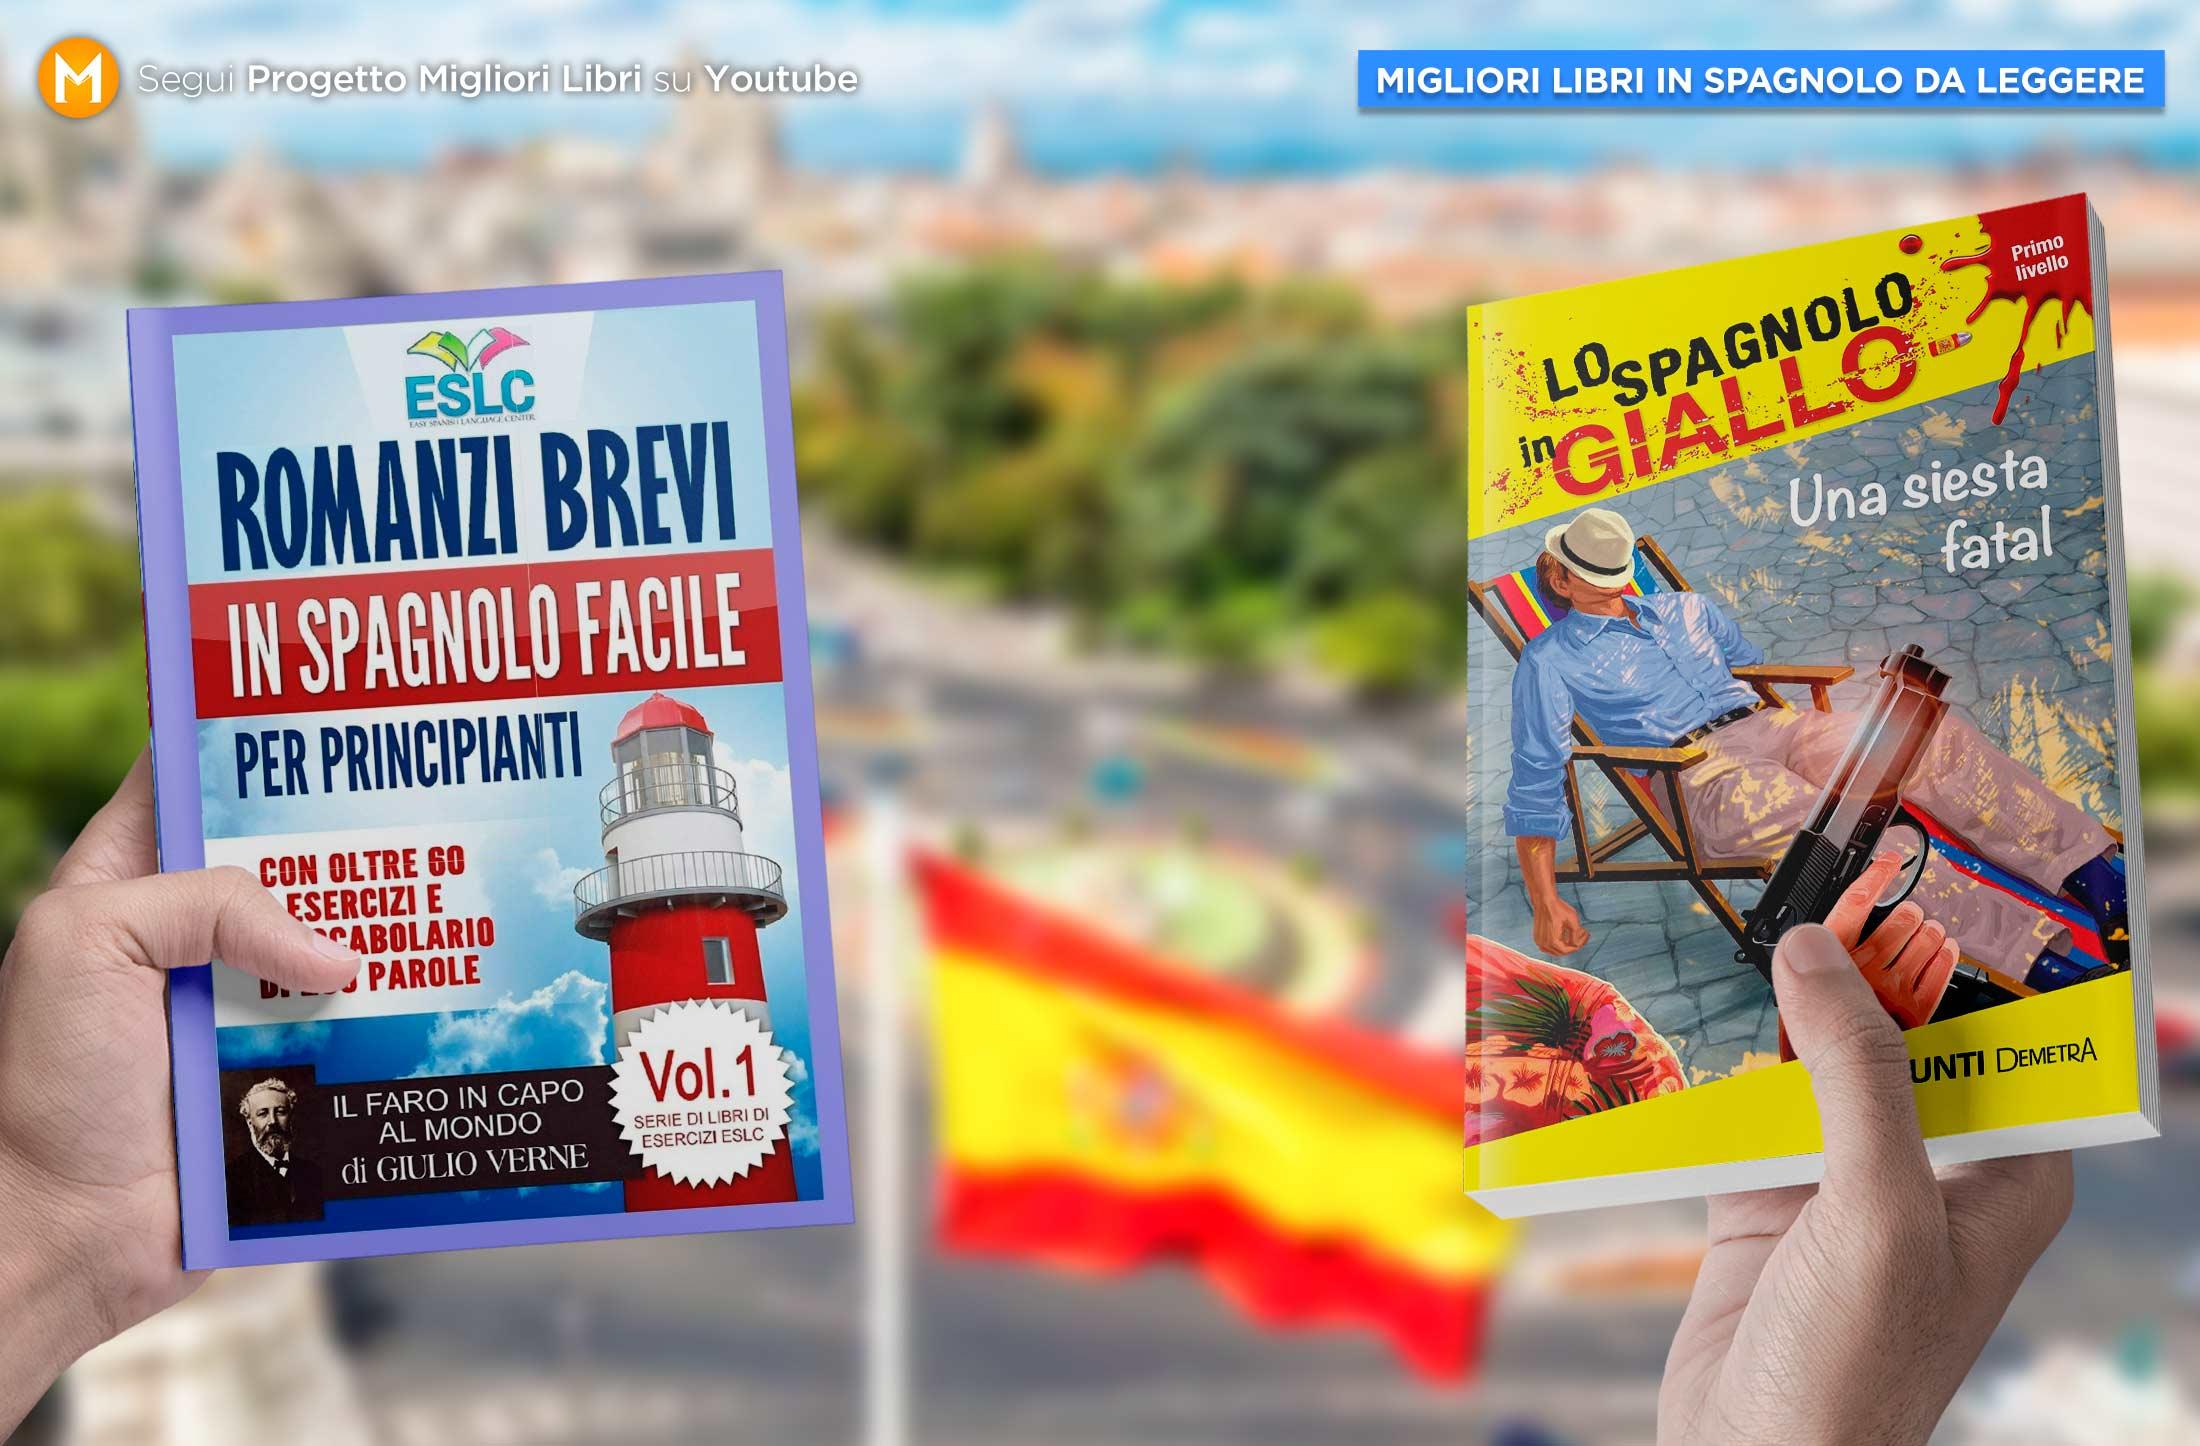 migliori-libri-in-spagnolo-da-leggere